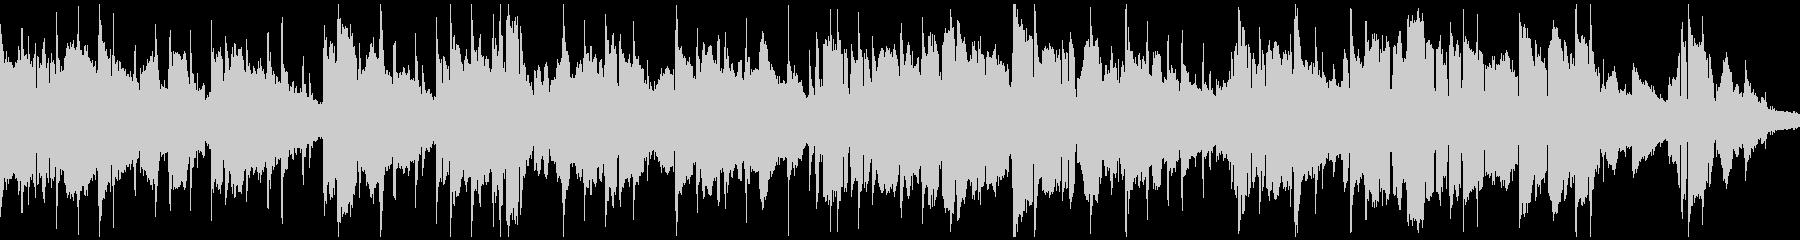 スムースジャズ系のバラード※ループ仕様版の未再生の波形